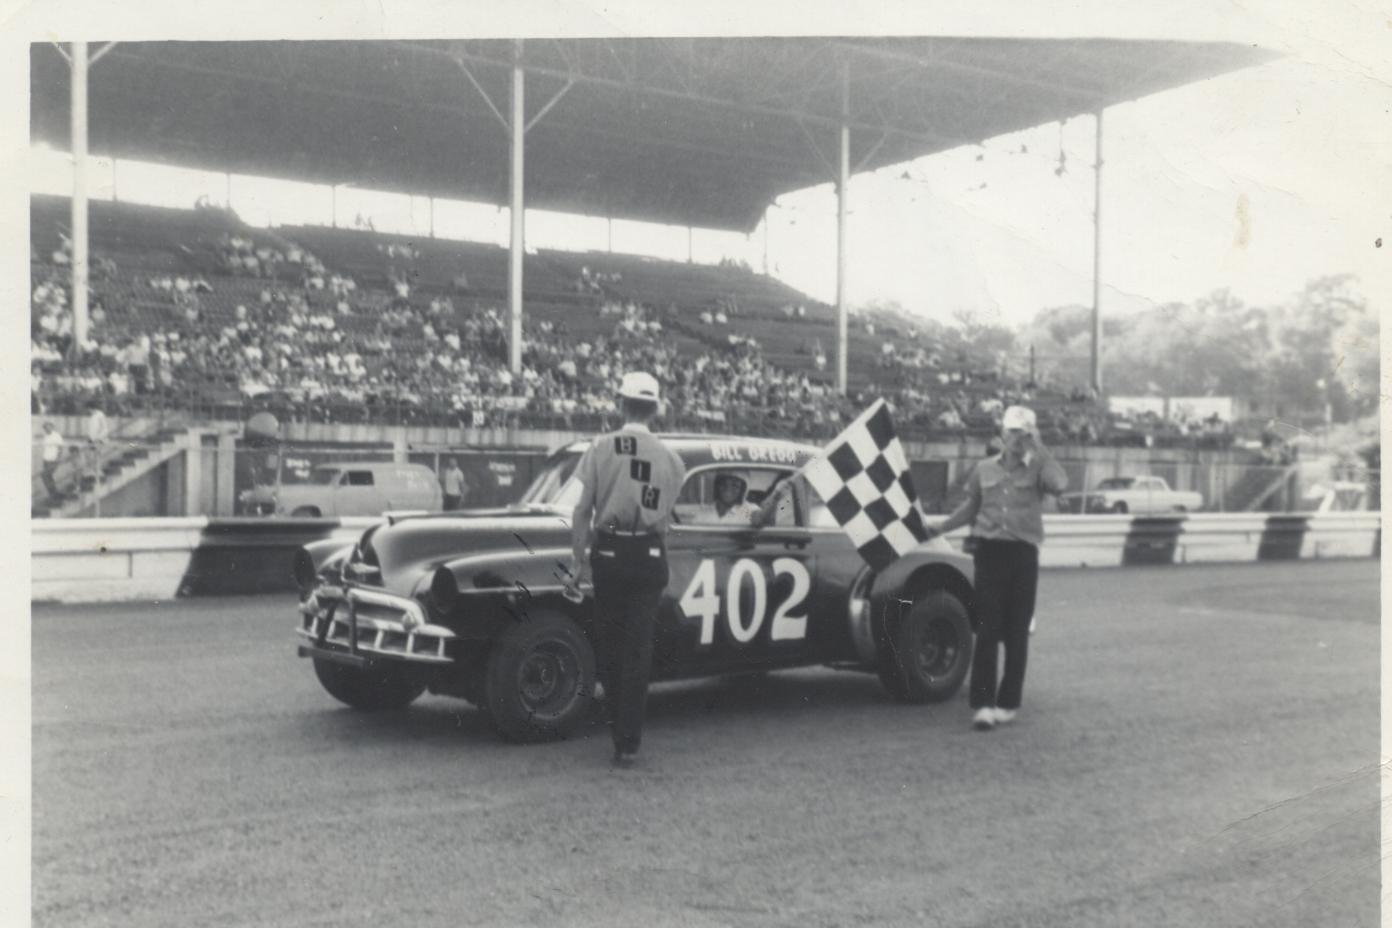 BILL GREGG 1963            49 Chevrolet 6 cly